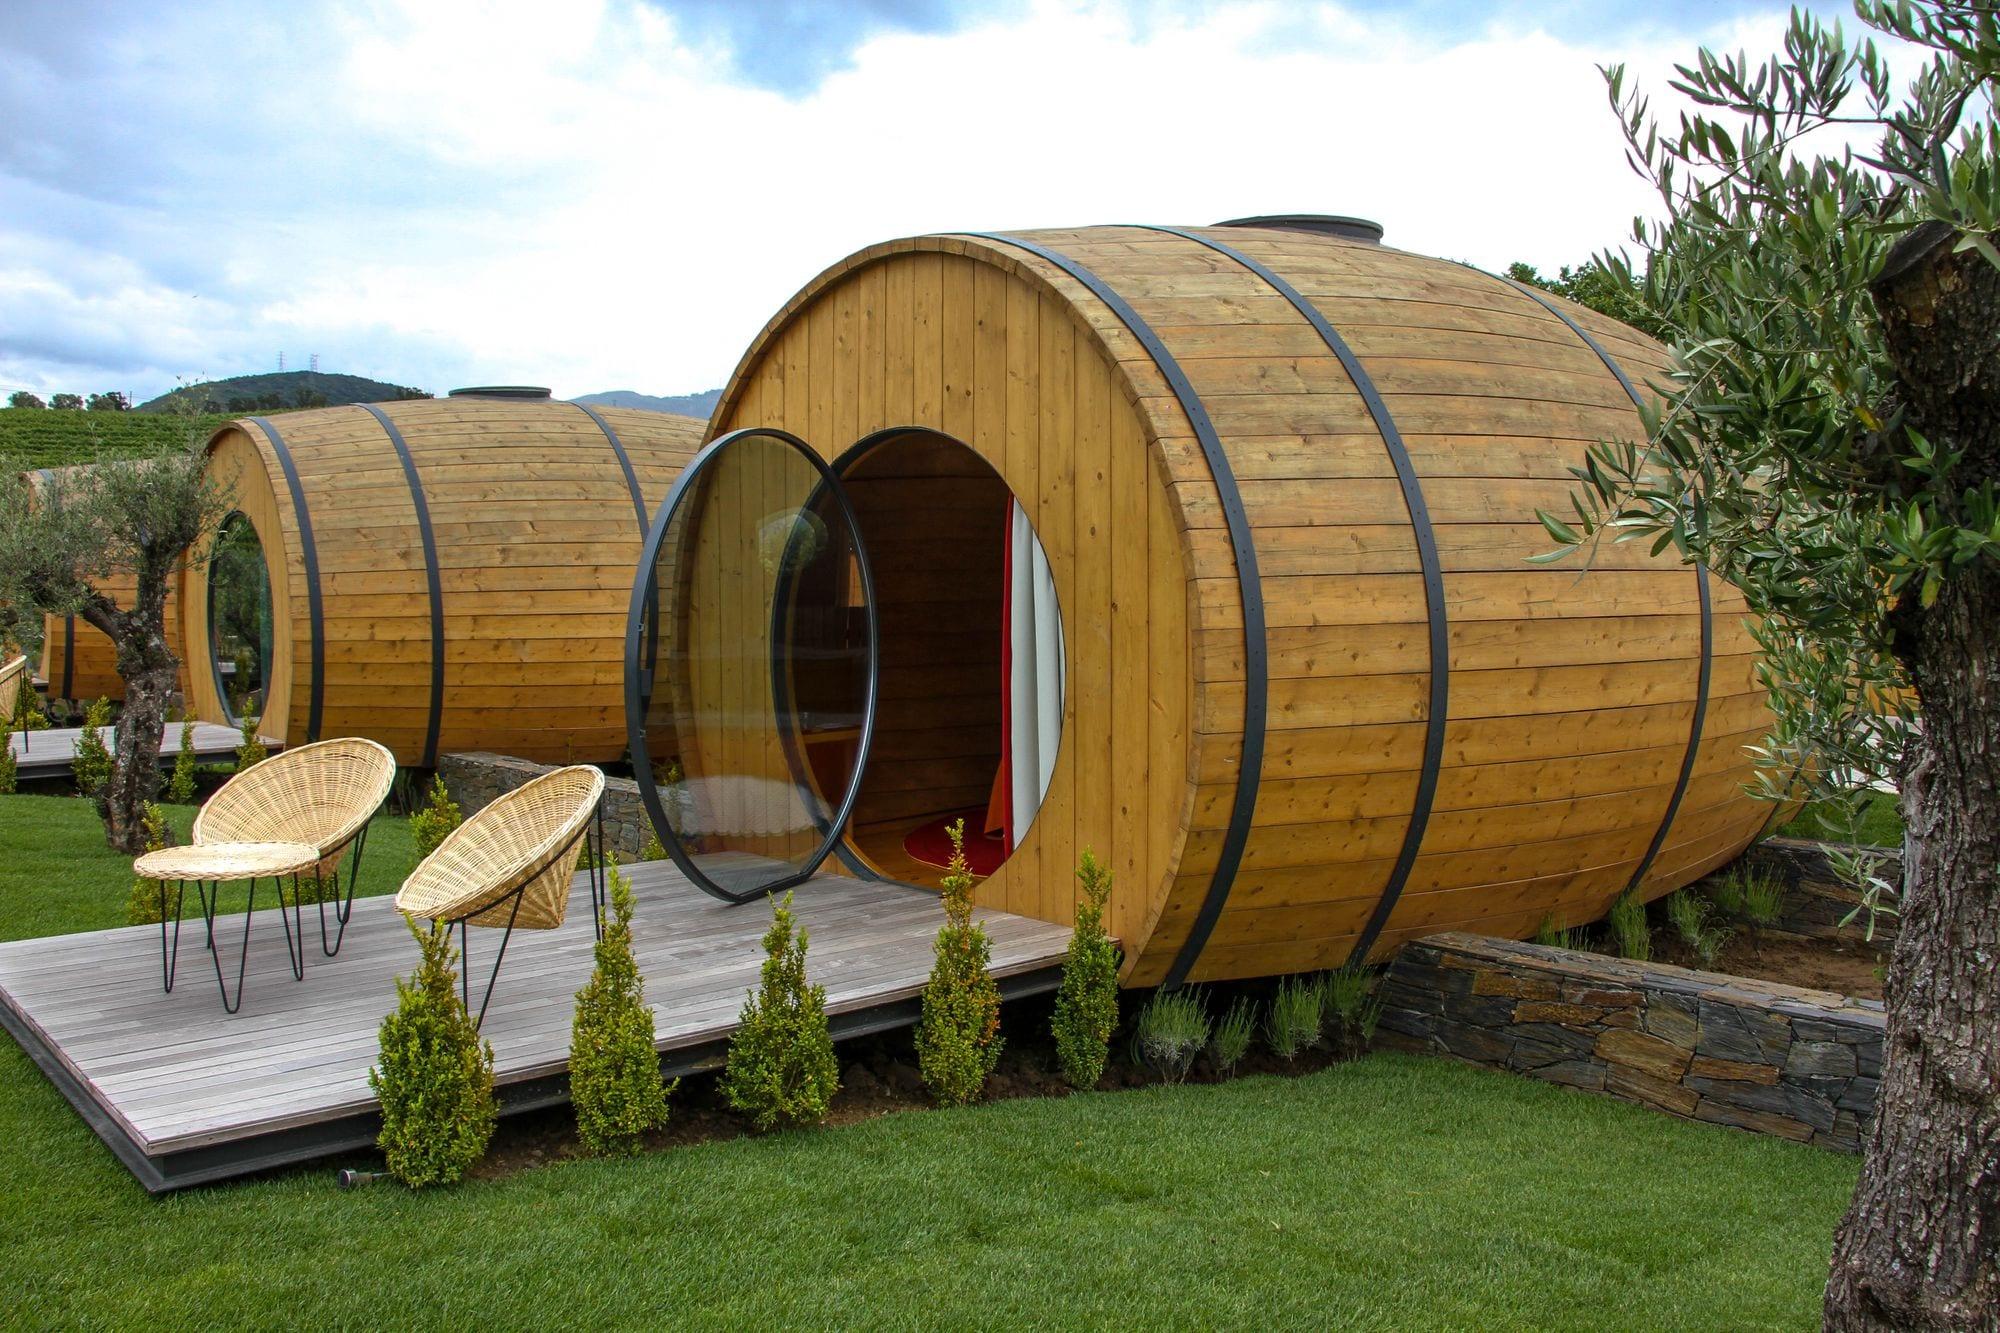 Wine Barrels na Quinta da Pacheca | Foto: Divulgação